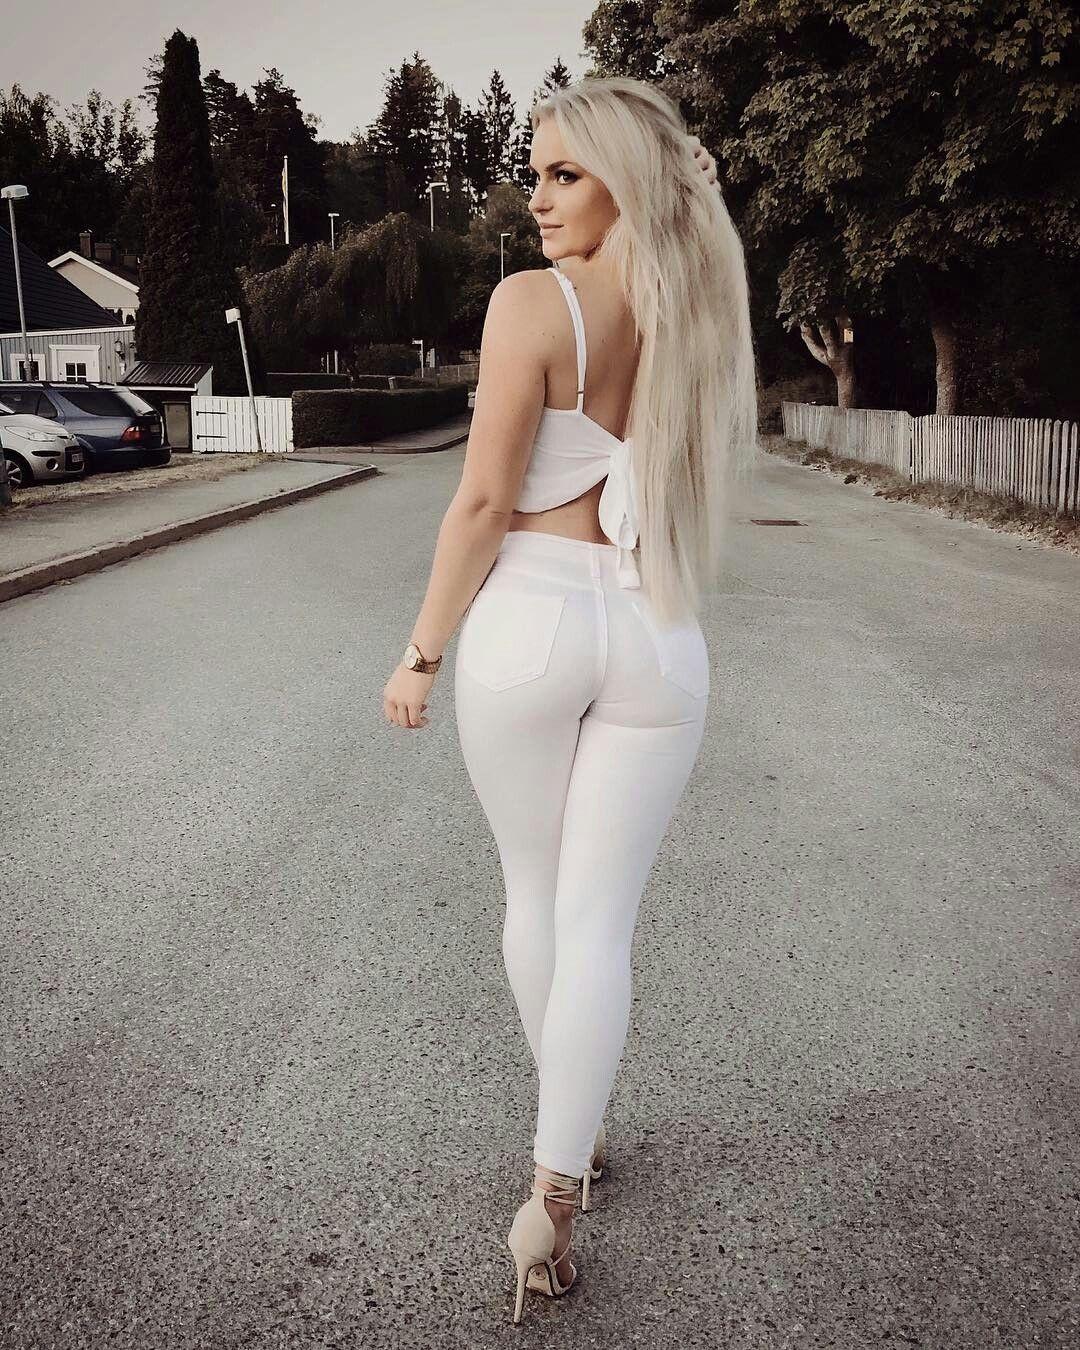 Девушка в белых обтягивающих штанах, домашние фотографии мужчин